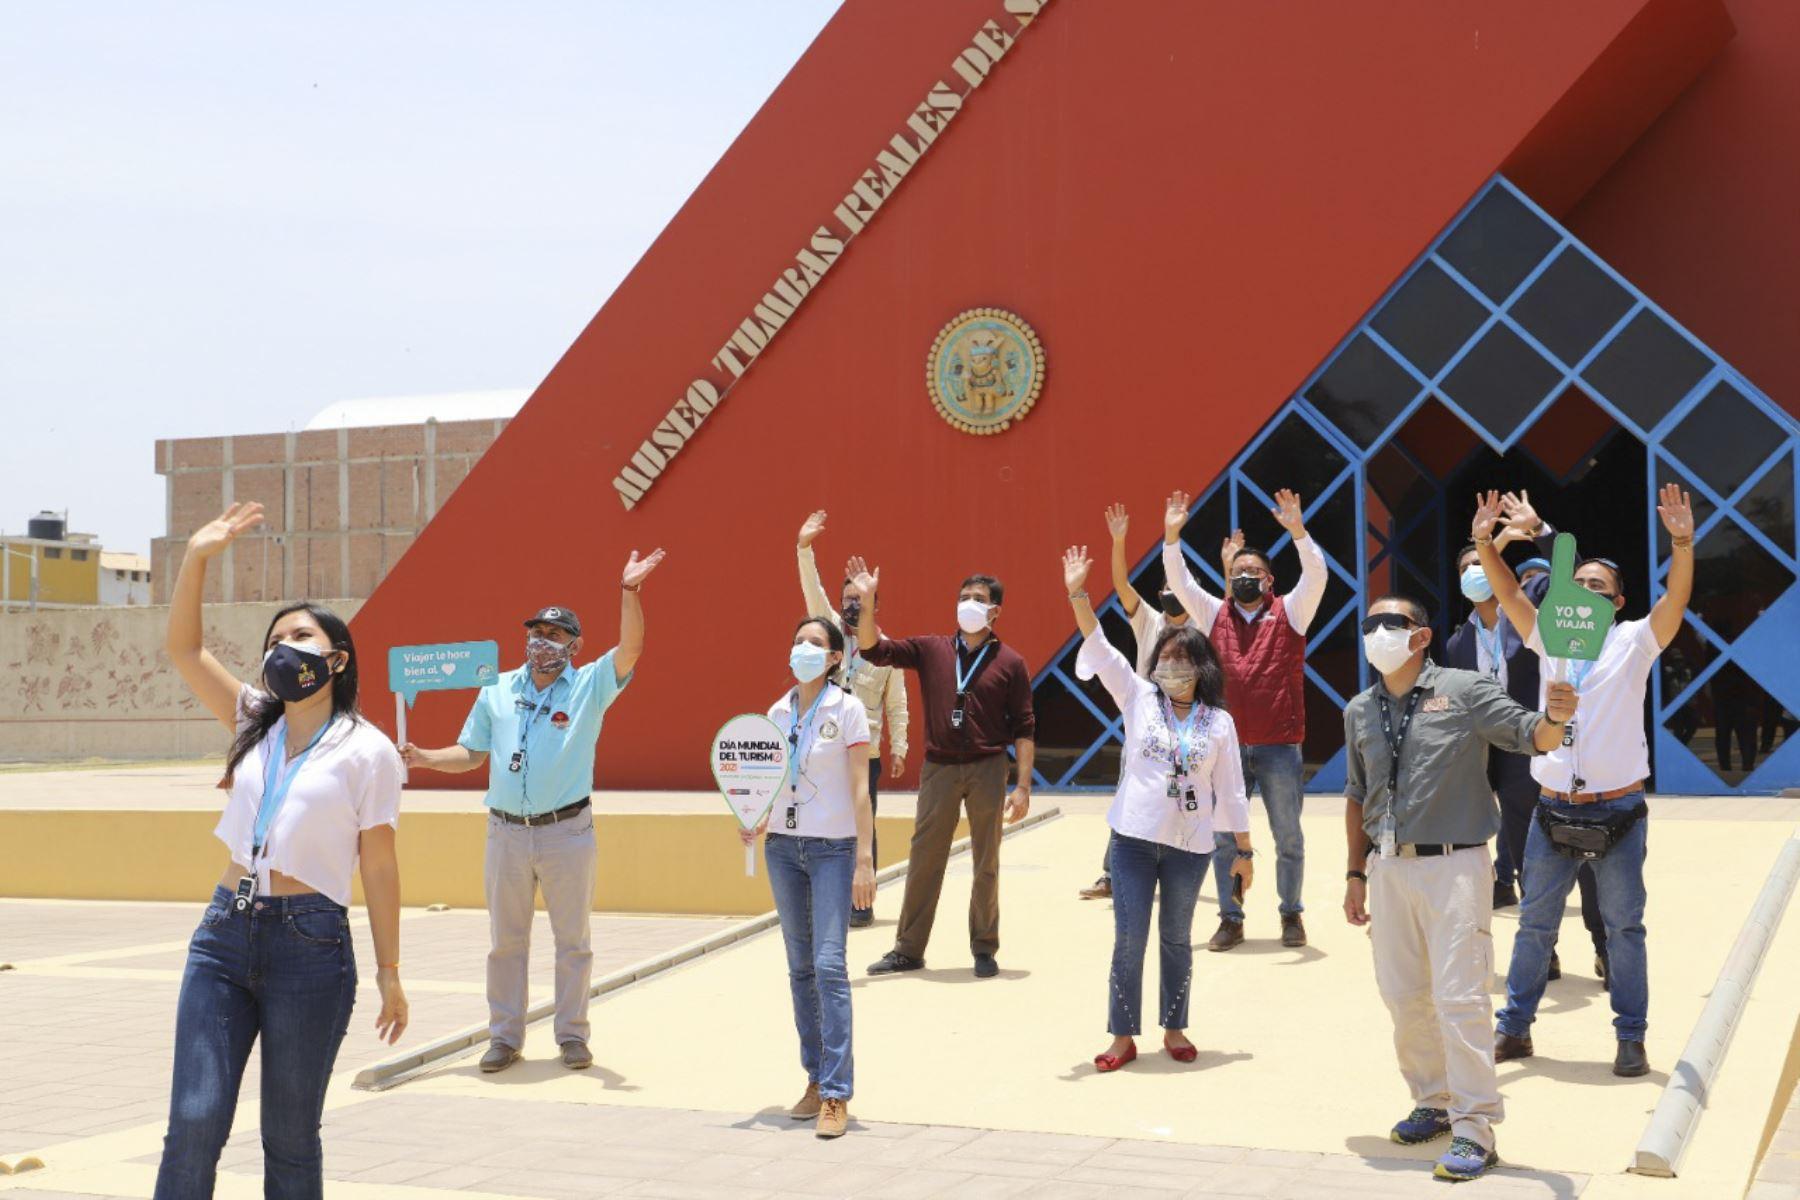 Más tiempo para la cultura: Museo Tumbas Reales de Sipán amplía horario de visitas